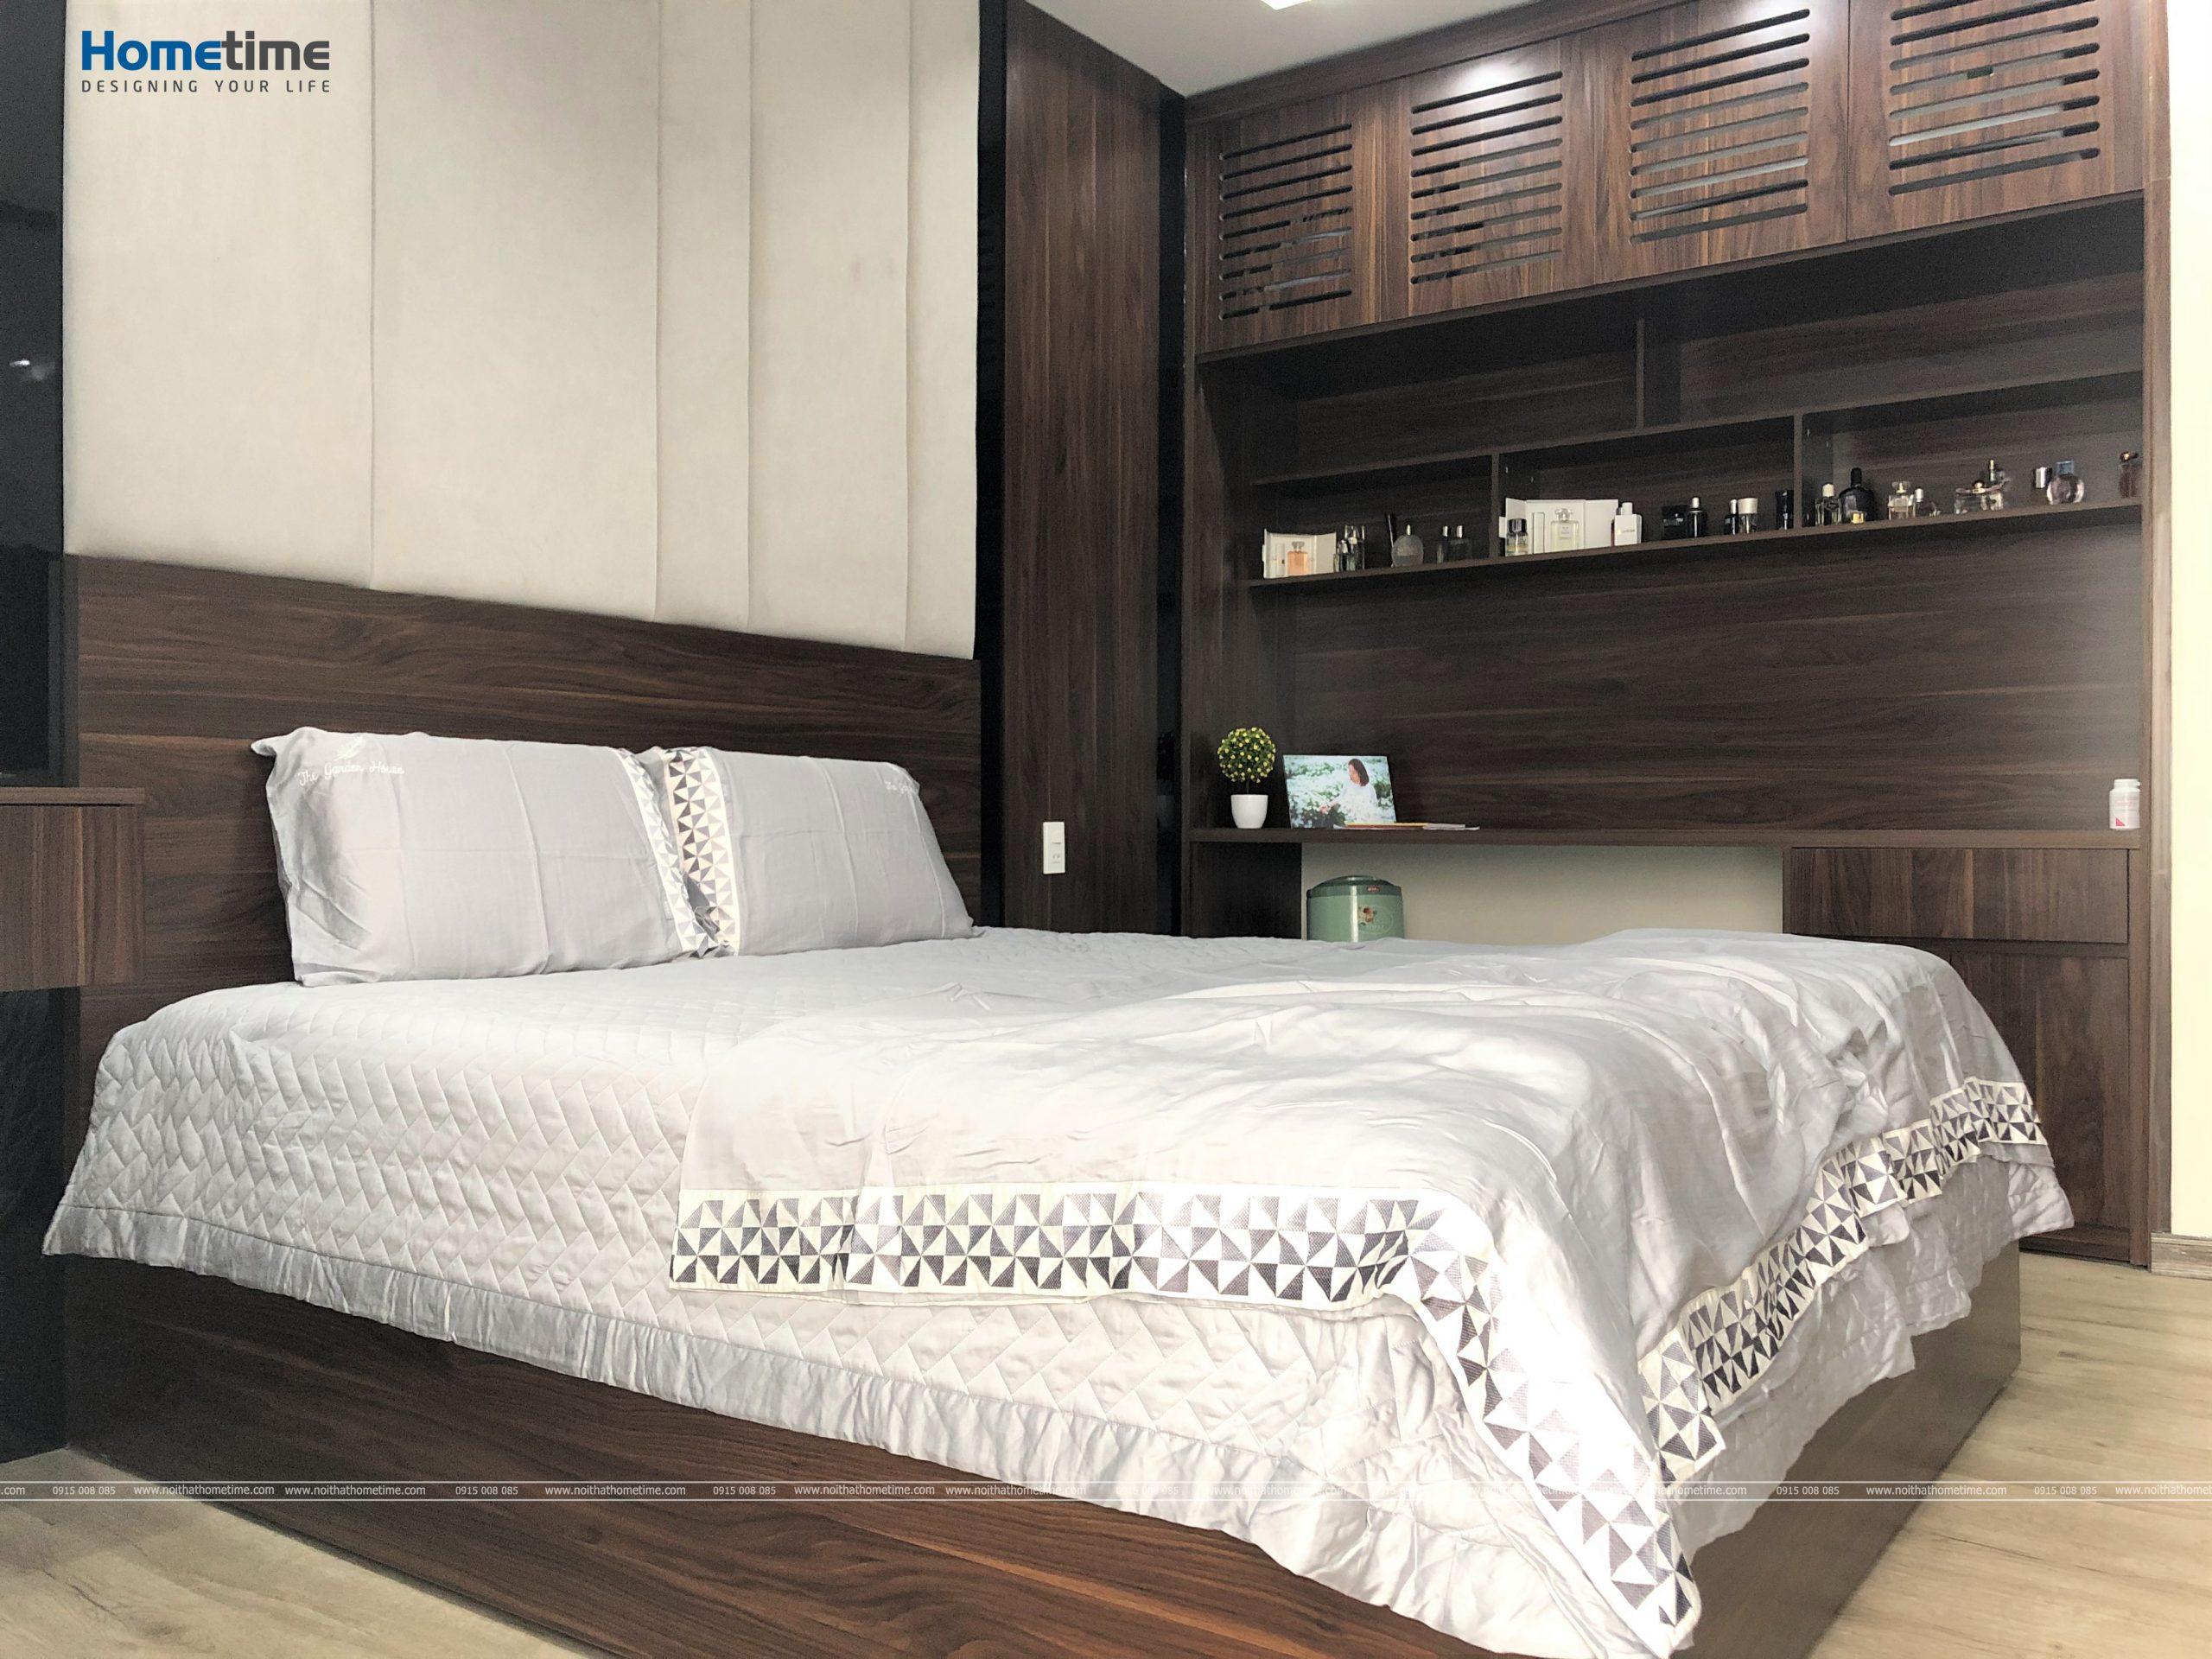 Giường ngủ êm ái đem đến những giấc ngủ an ổn cho gia chủ